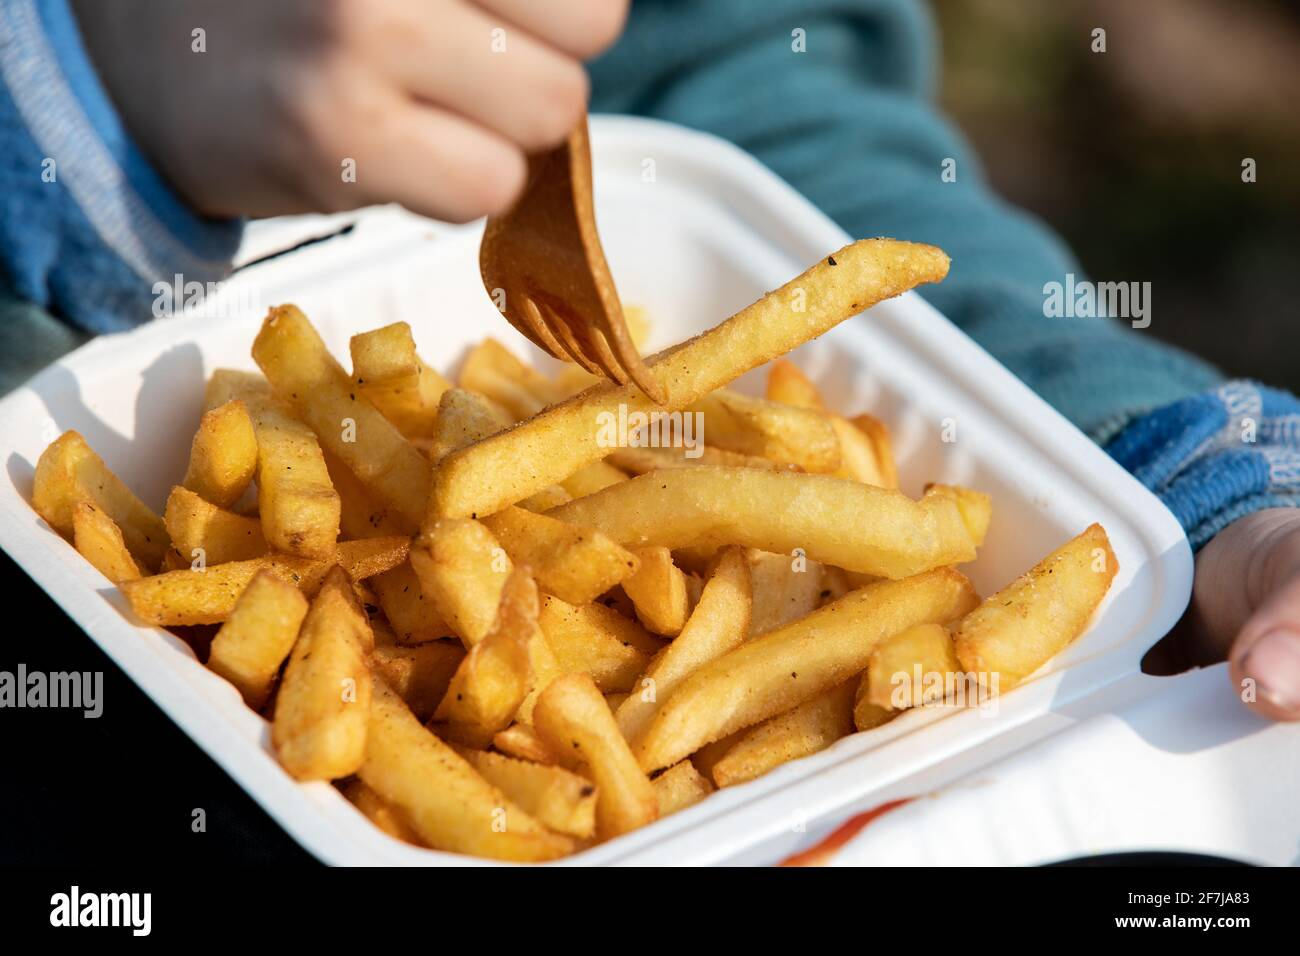 Il bambino mangia patatine fritte. Cibo malsano, da asporto e ordinazioni a casa. Foto Stock